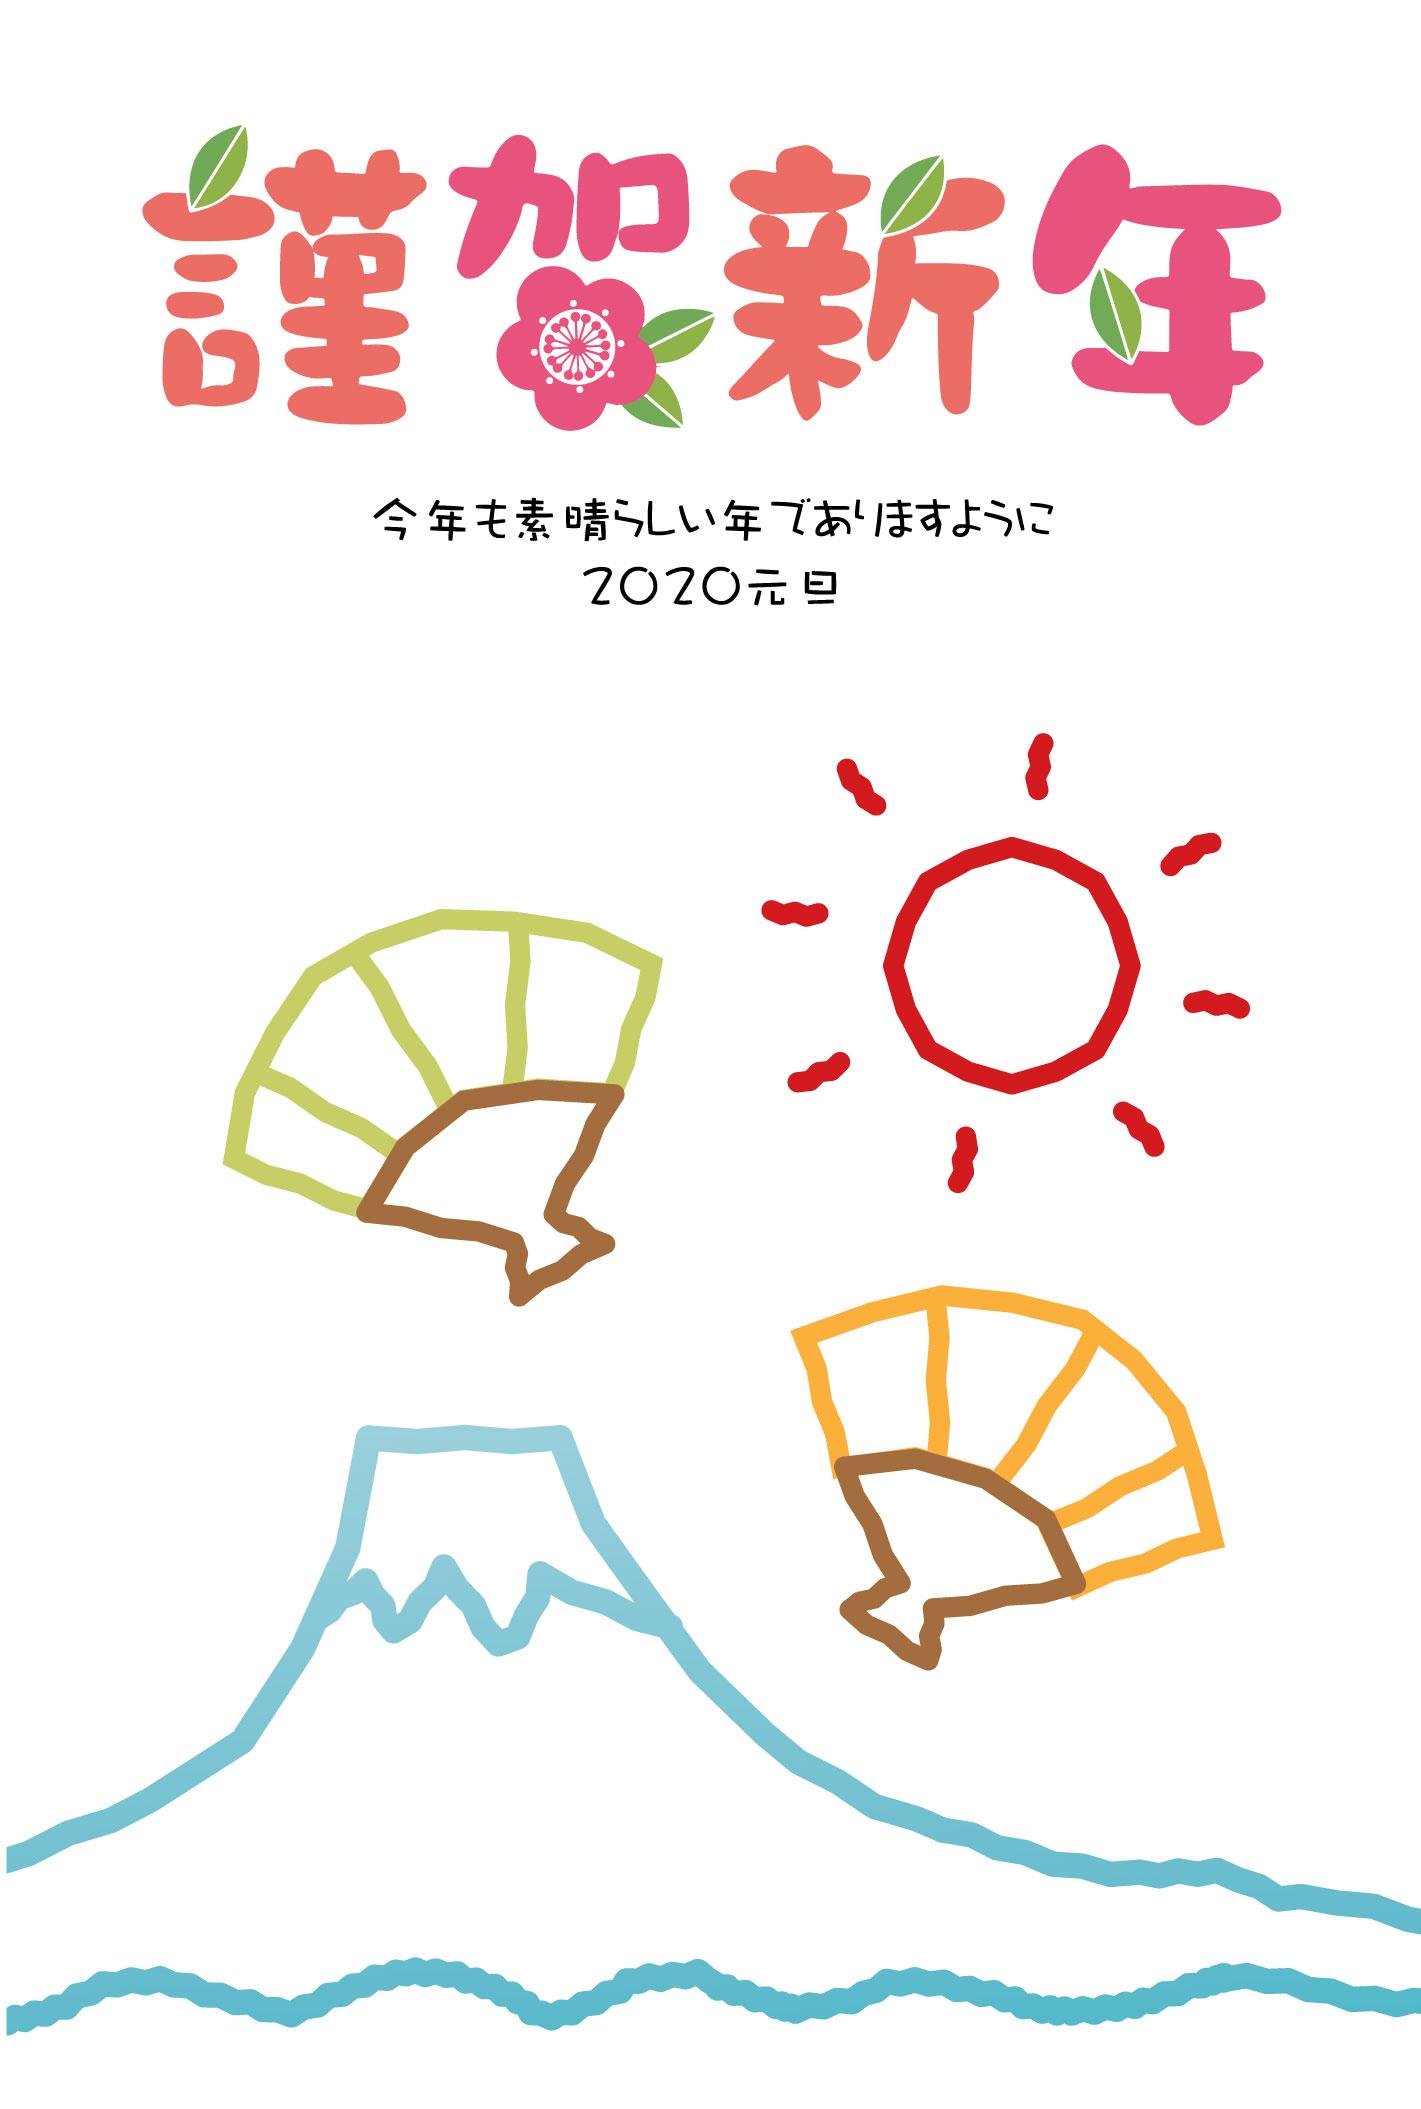 「謹賀新年」富士山と初日の出のお絵描きの無料年賀状イラスト素材です-挨拶文あり